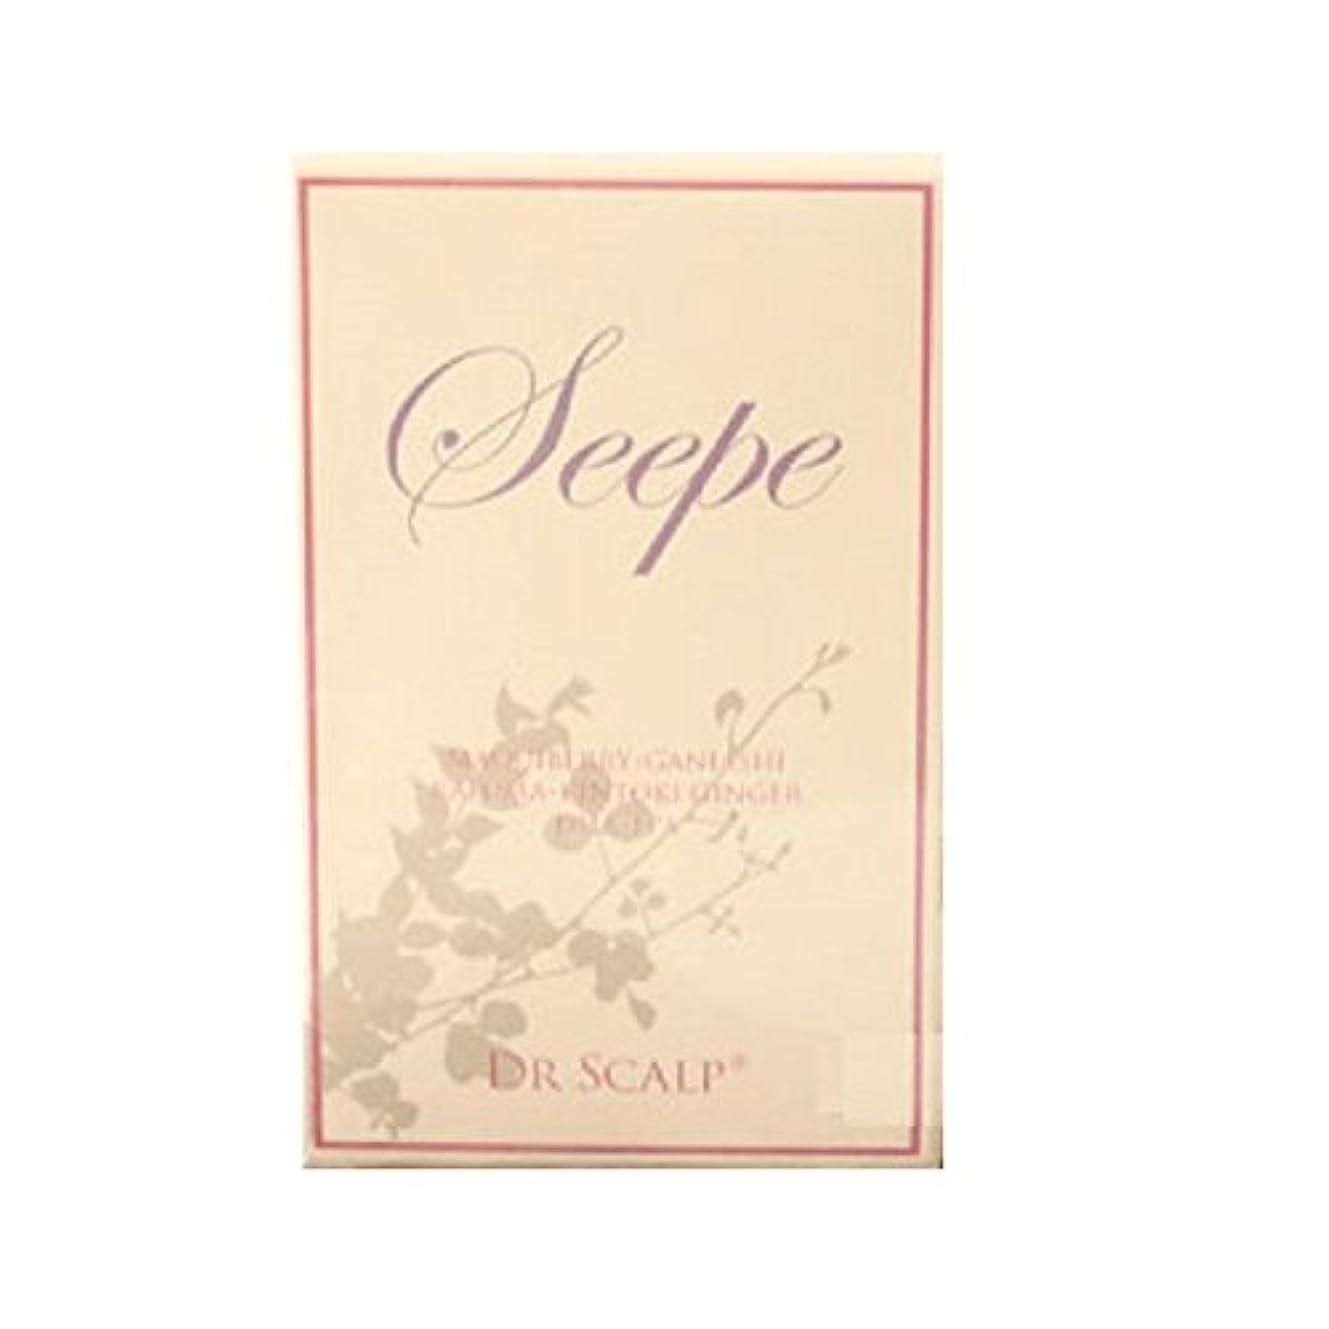 安心歪める高さドクタースカルプ DR.SCALP(ドクタースカルプ)SEEPE(シープ) (サプリメント)※プロジェクトサプリメントのリニューアル商品です《60粒》